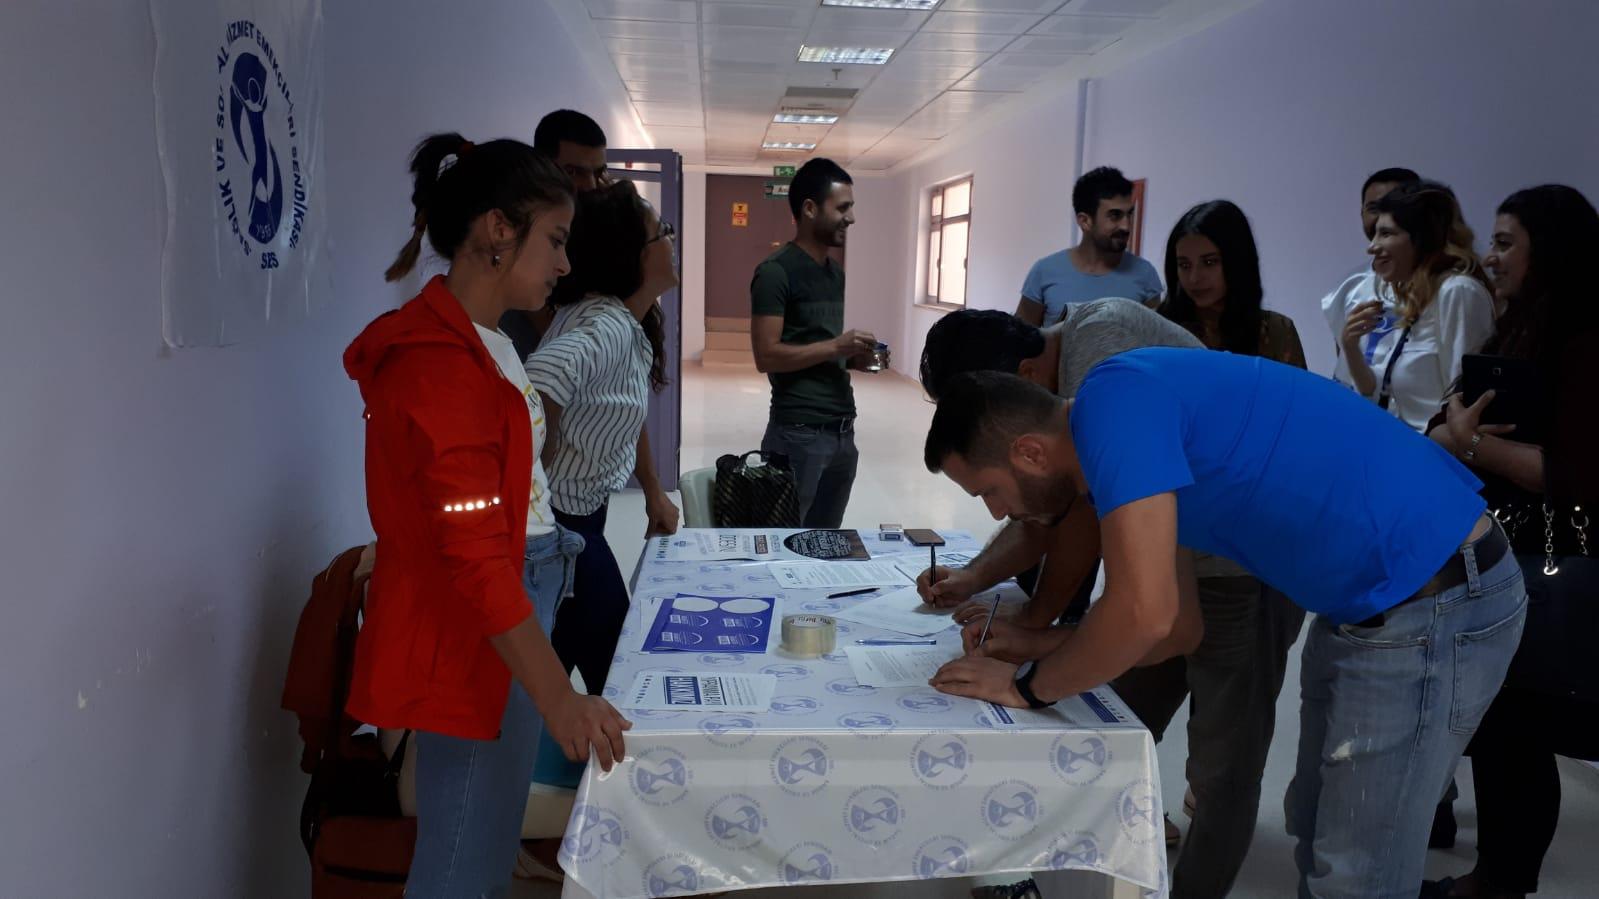 Dersim Şubemiz Yıpranma Payı İçin İşyerlerinde İmza Kampanyası Başlattı